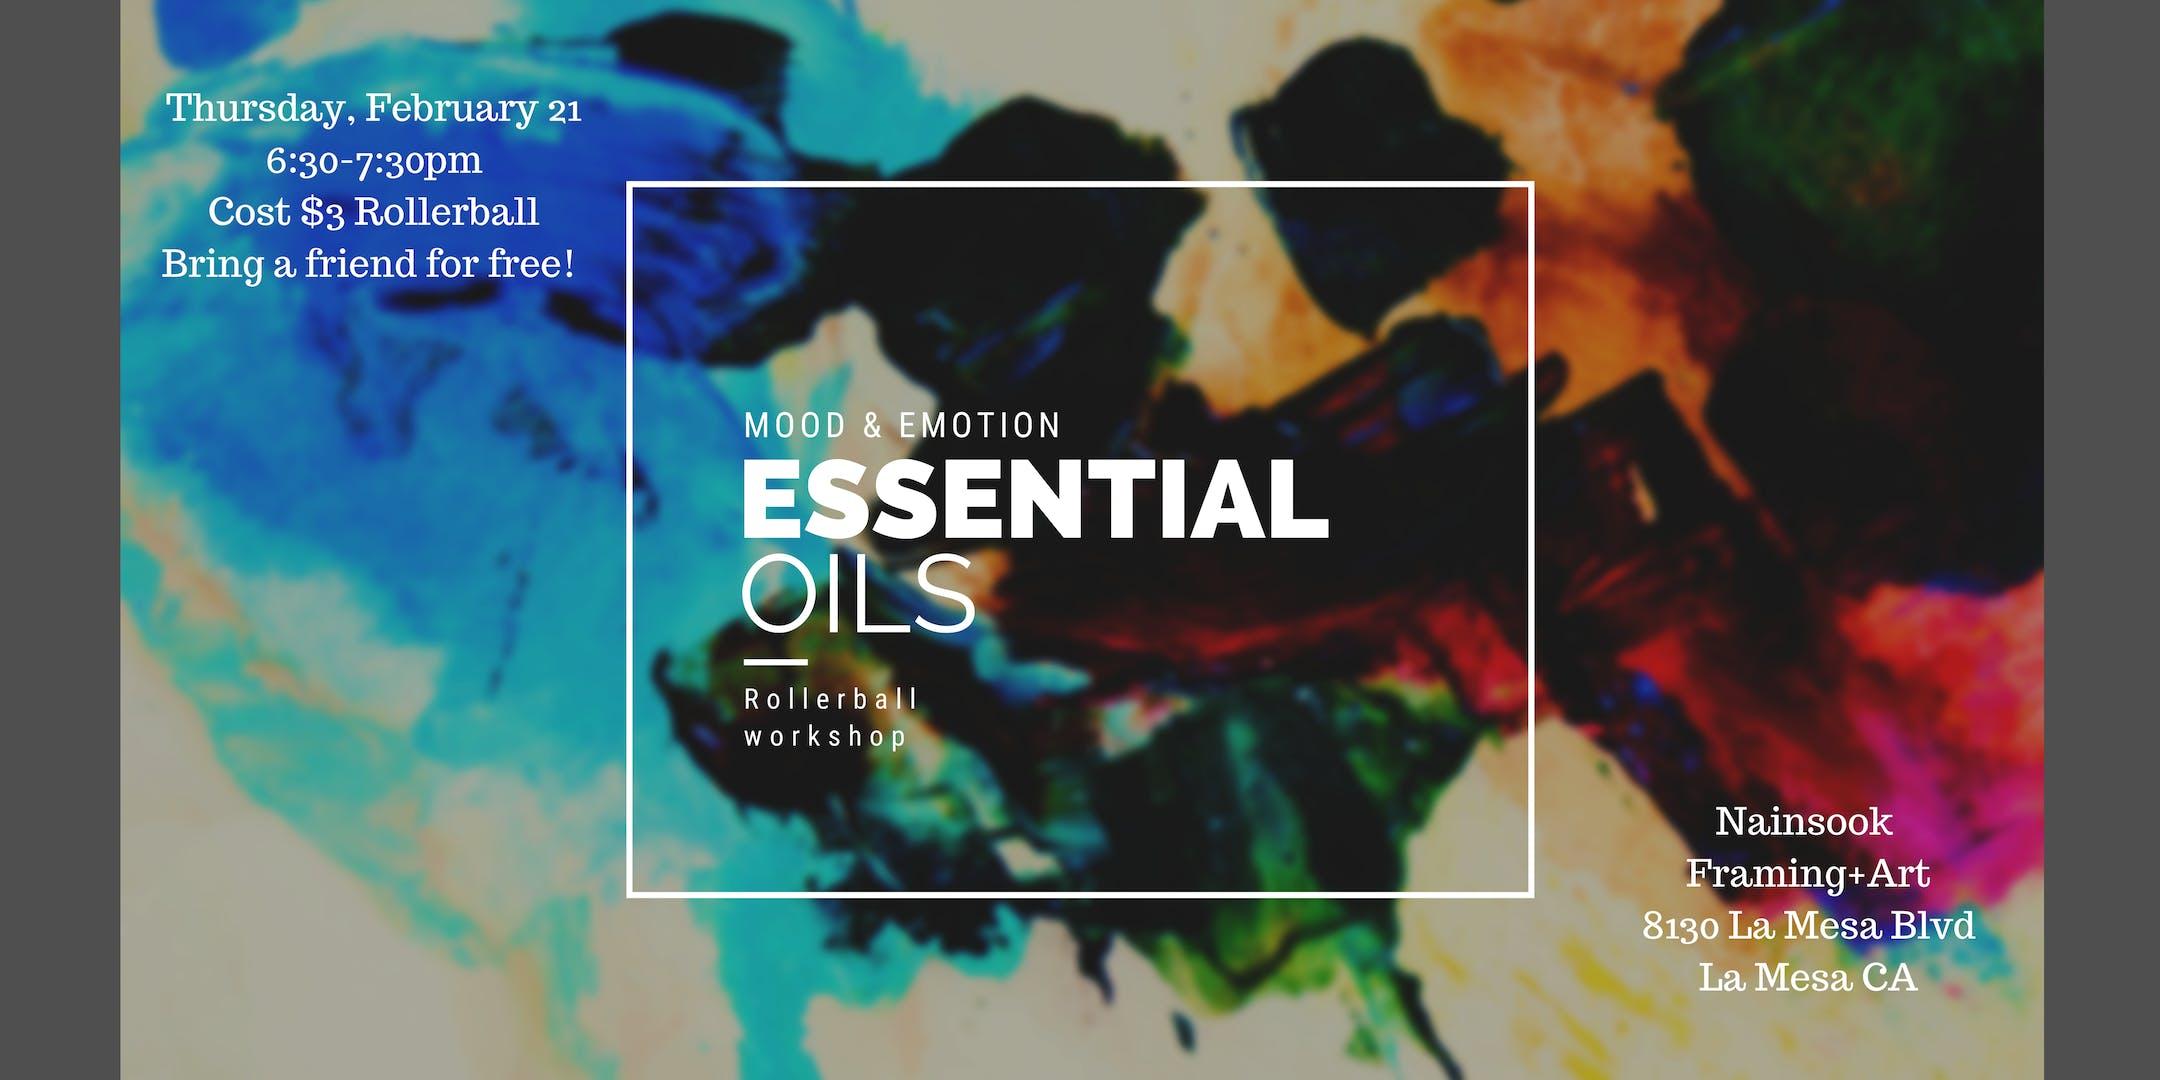 Essential Oil Rollerball Workshop